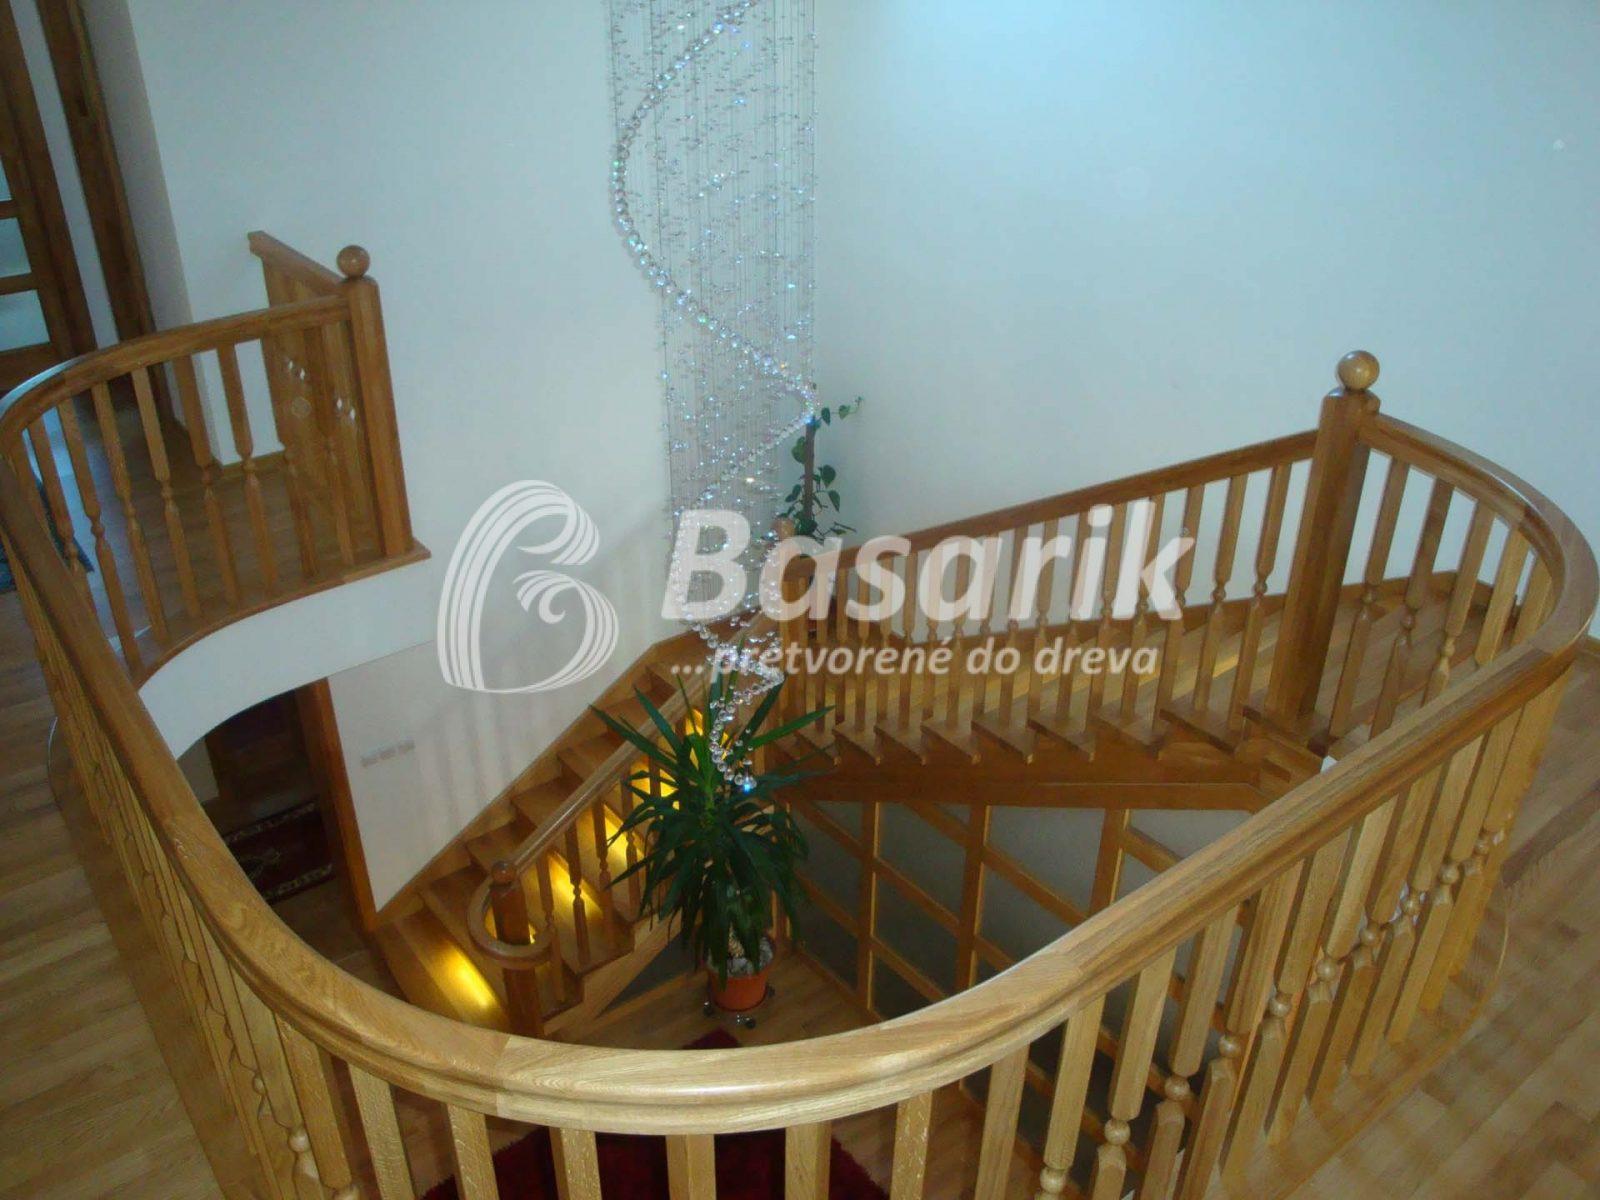 obloženie schodov